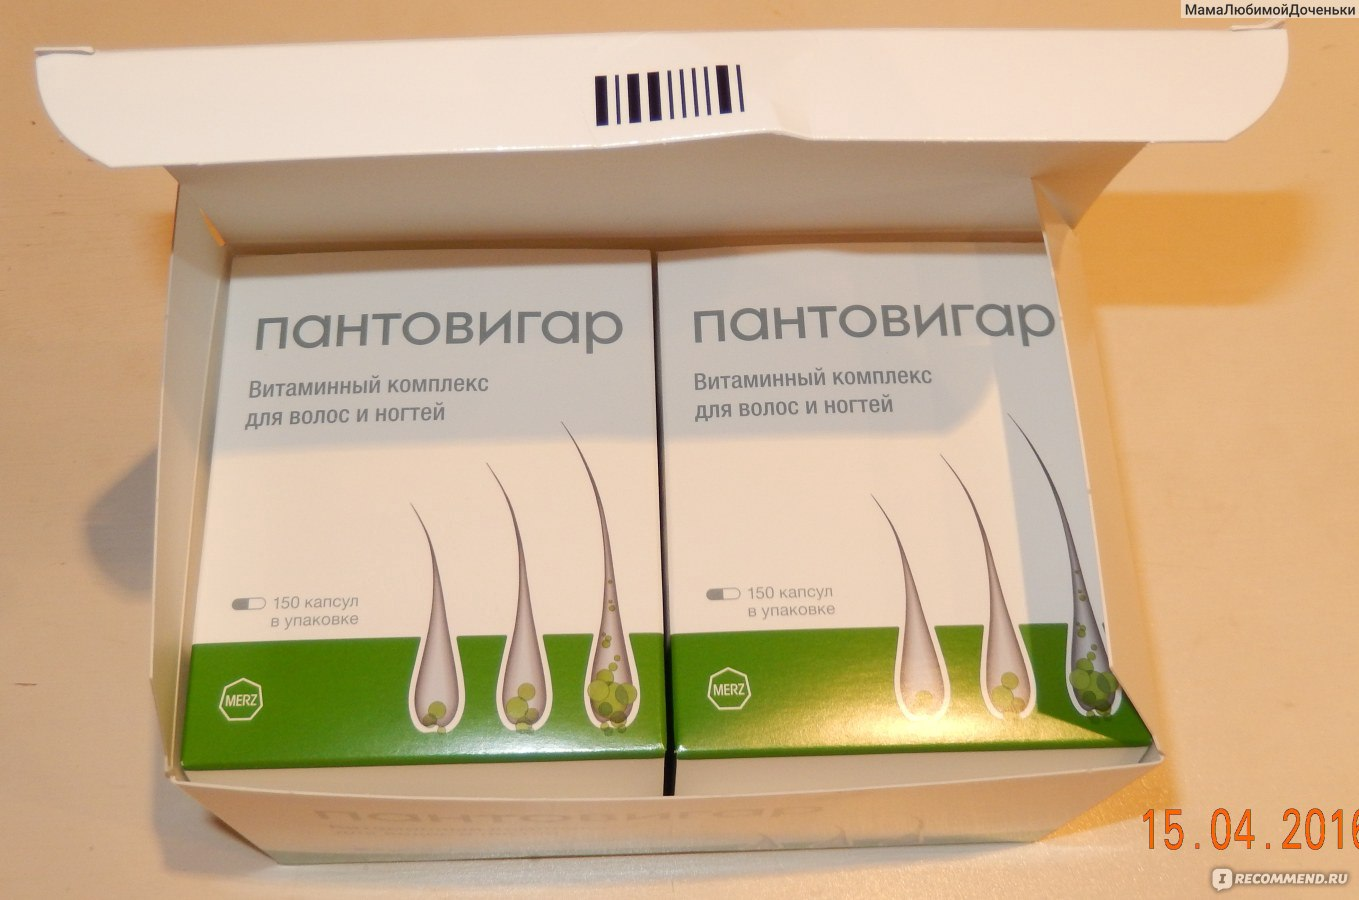 Витамины merz пантовигар для волос и ногтей